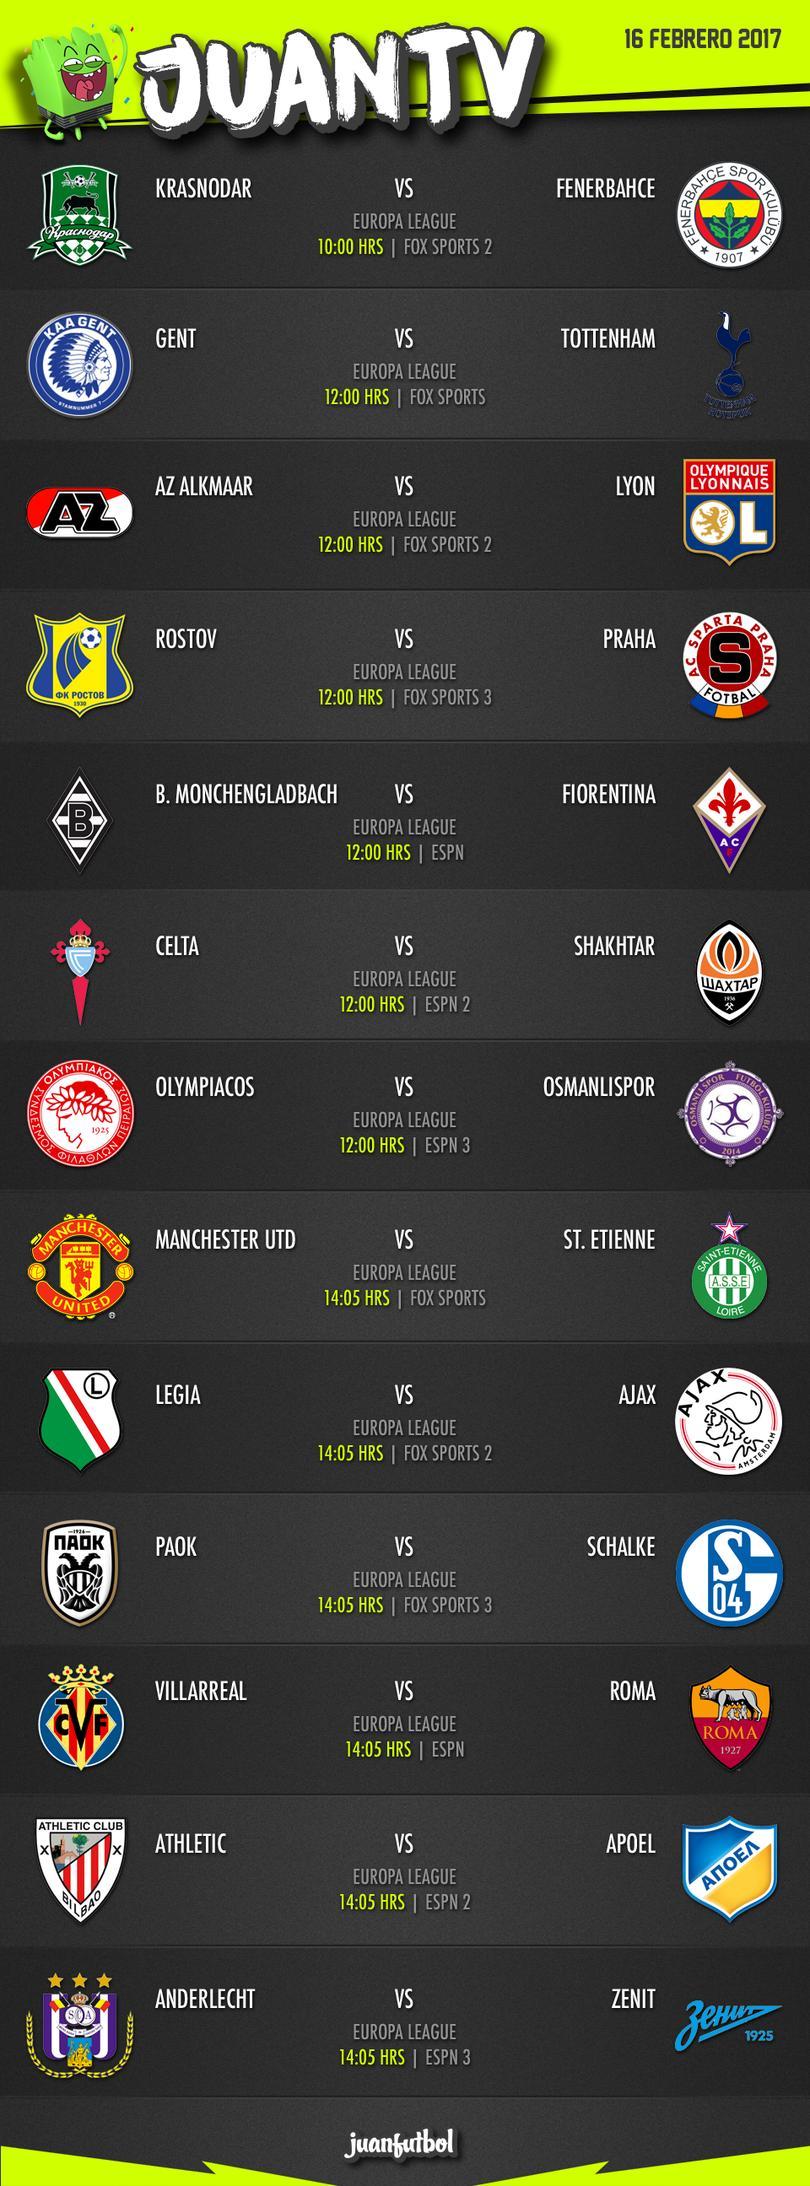 Los partidos más importantes del día 16 de febrero del 2017.